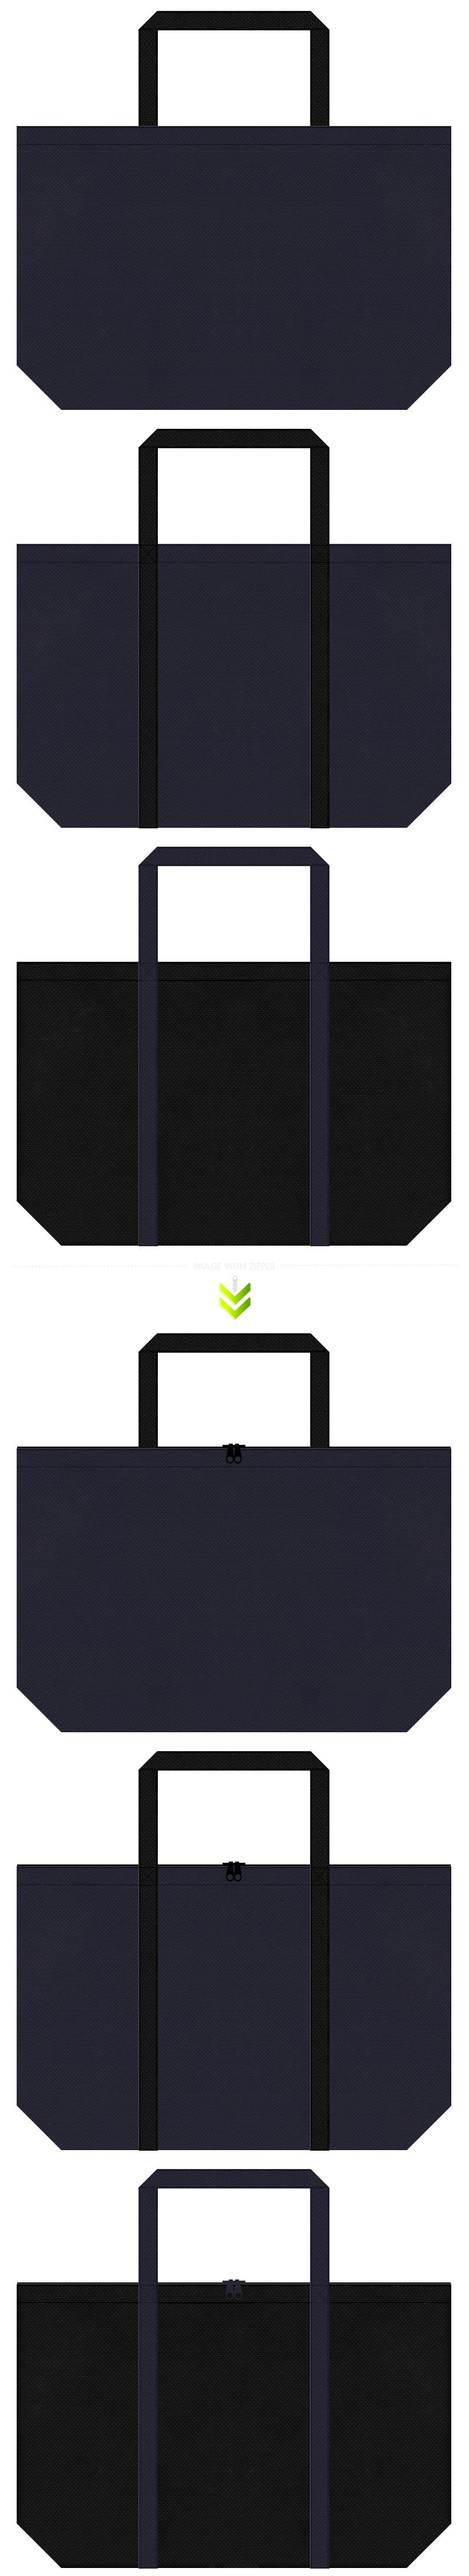 濃紺色と黒色の不織布エコバッグのデザイン。忍者コスプレ衣装のキャリーバッグやホラーゲームにお奨めの配色です。